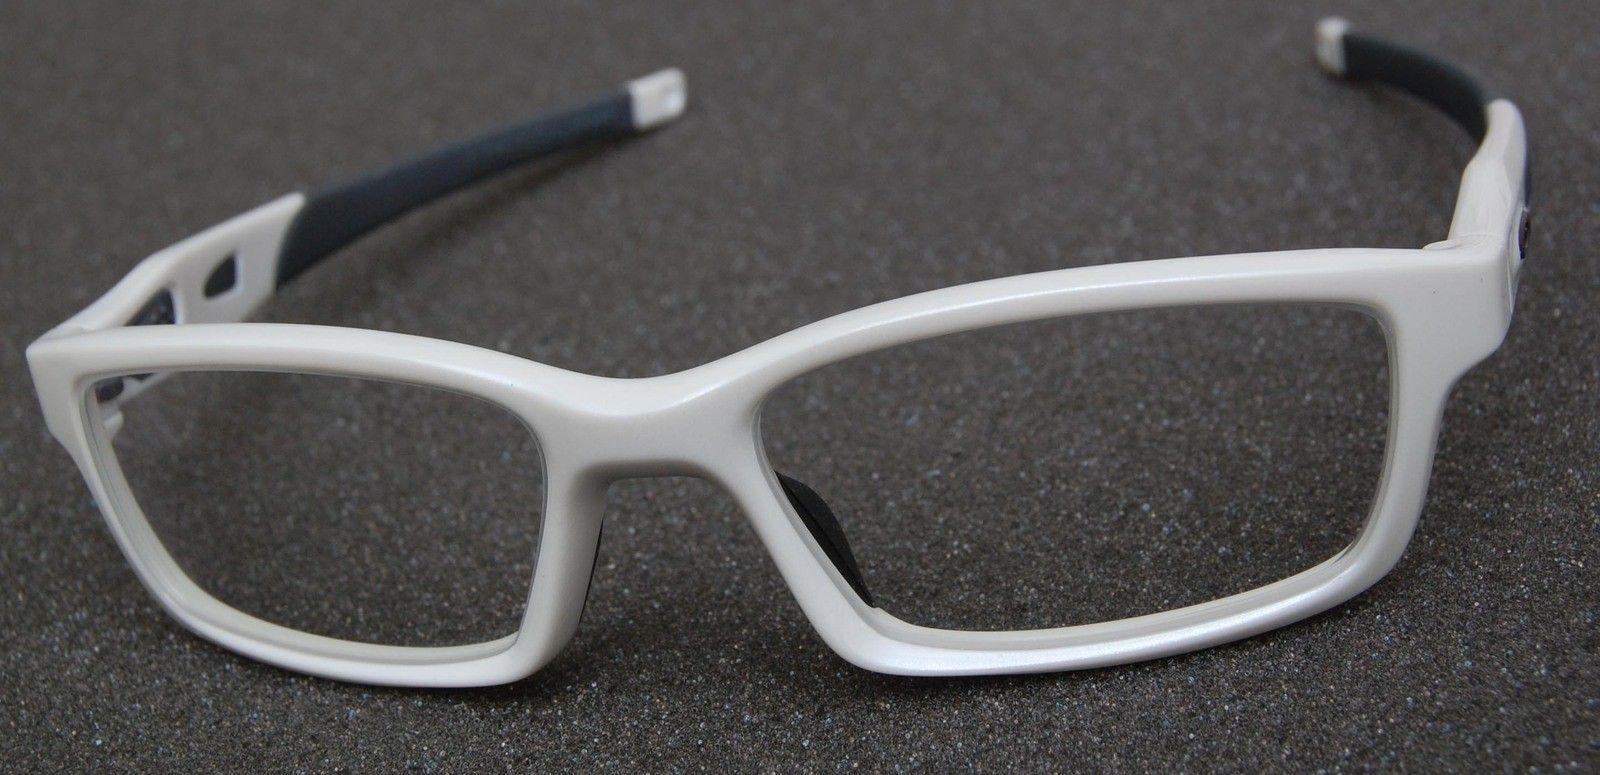 Oakley Crosslink OX8027-0453 Pearl White / Grey Rx Prescription - 02.jpg